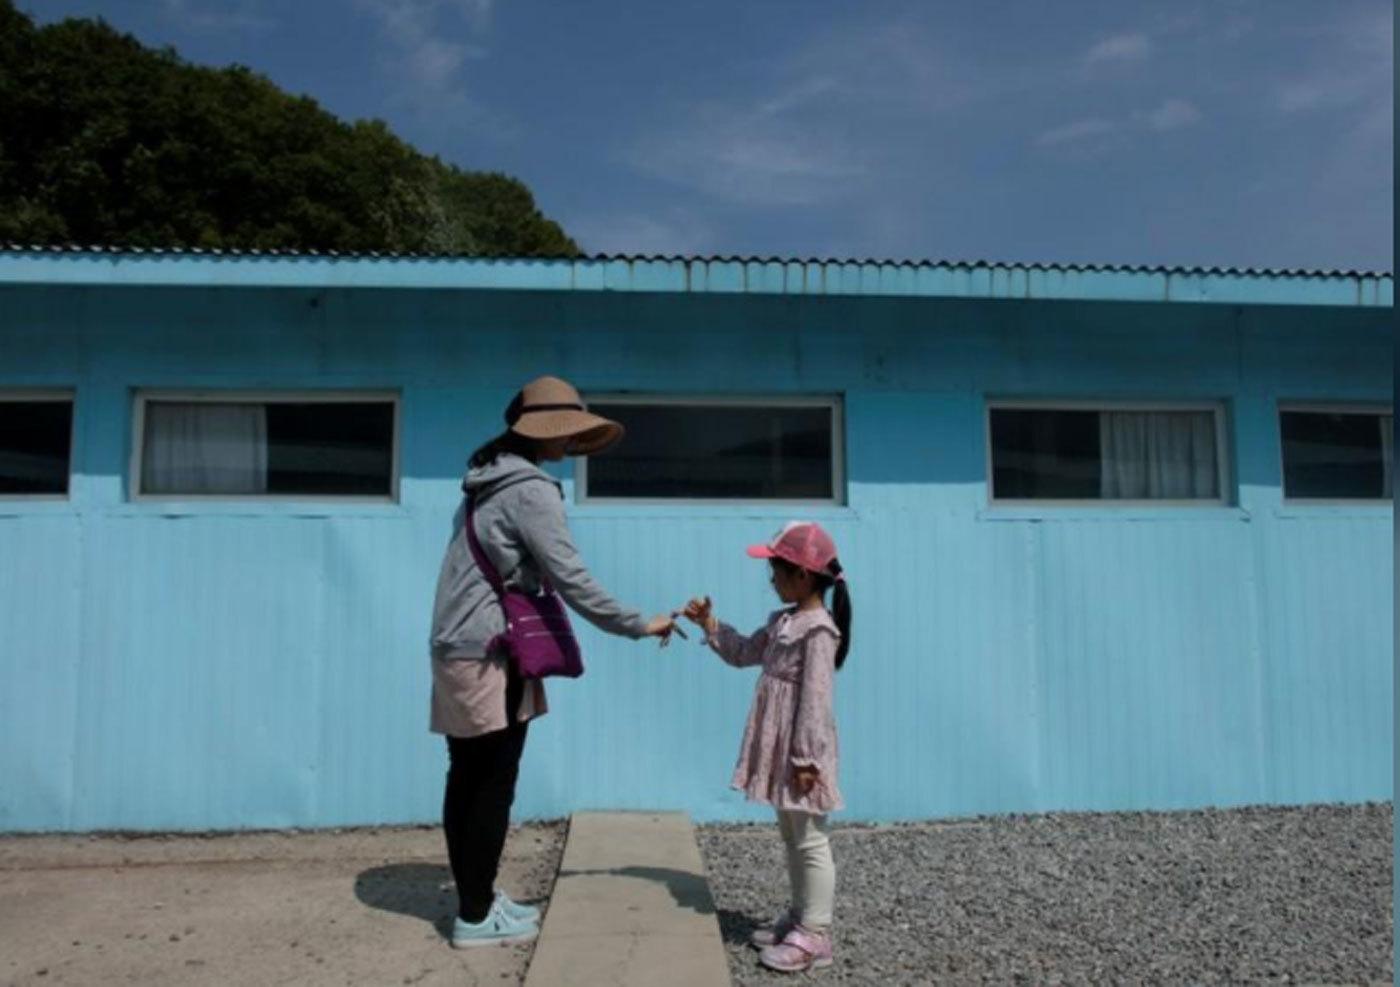 Cơn sốt diễn lại cú bắt tay lịch sử giữa hai lãnh đạo Hàn - Triều